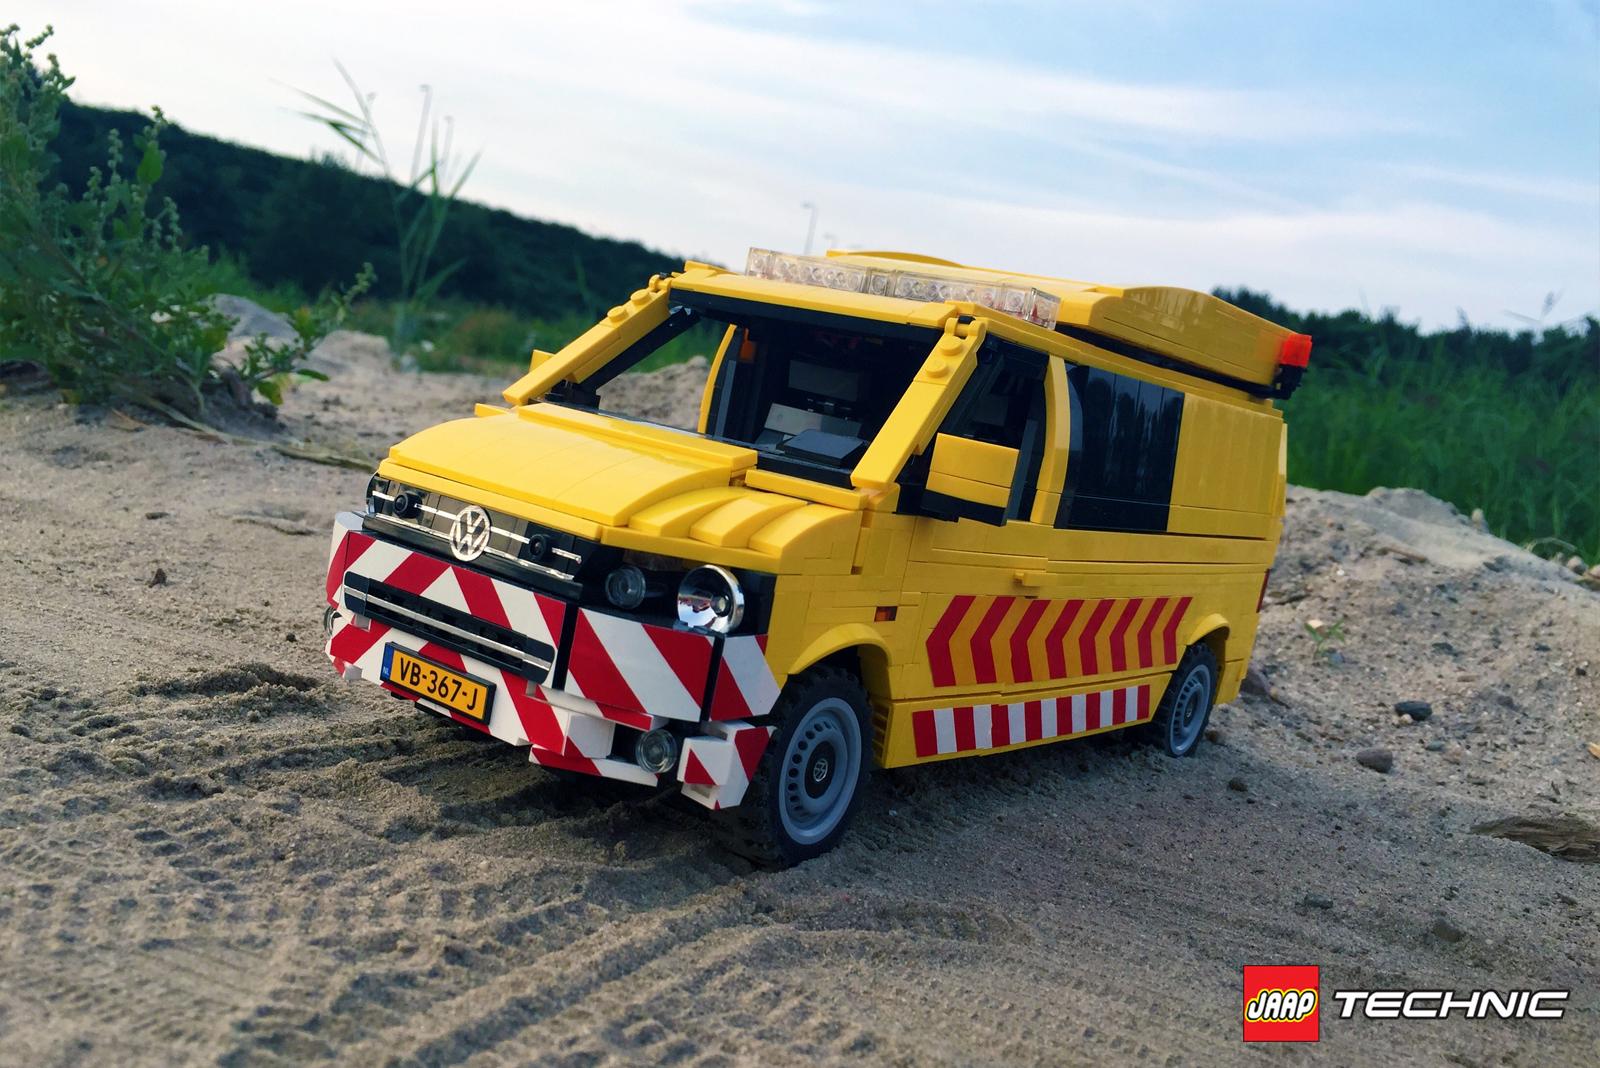 Volkswagen Transporter T5 Escort Vehicle Jaaptechnic